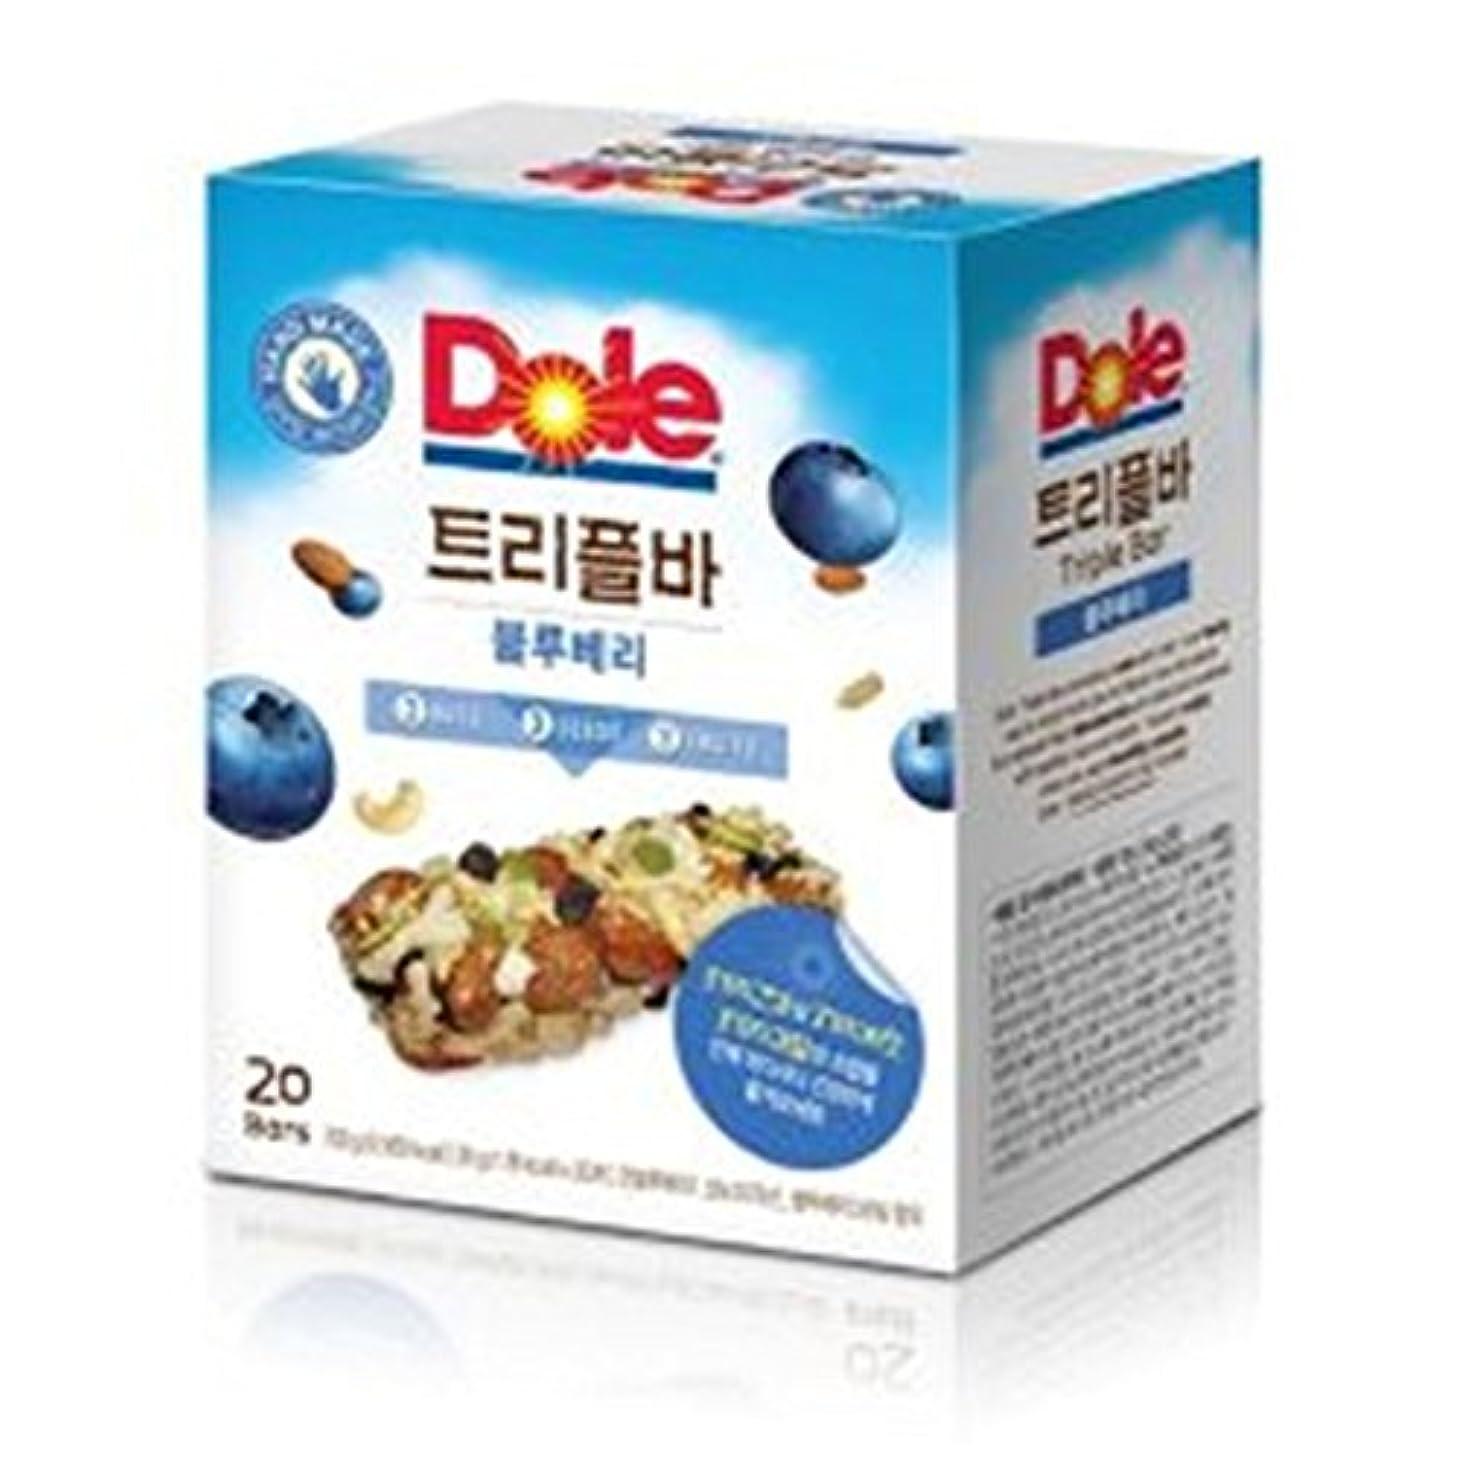 バストパレードミルク[ドール/Dole] Dole Triple Barドールトリプルバーブルーベリー35g x20個/3つのナットと3つのフルーツ、3つの種子で作成は栄養がたっぷり詰まったDiet Bar穀物バー/シリアル/栄養バー[健康...